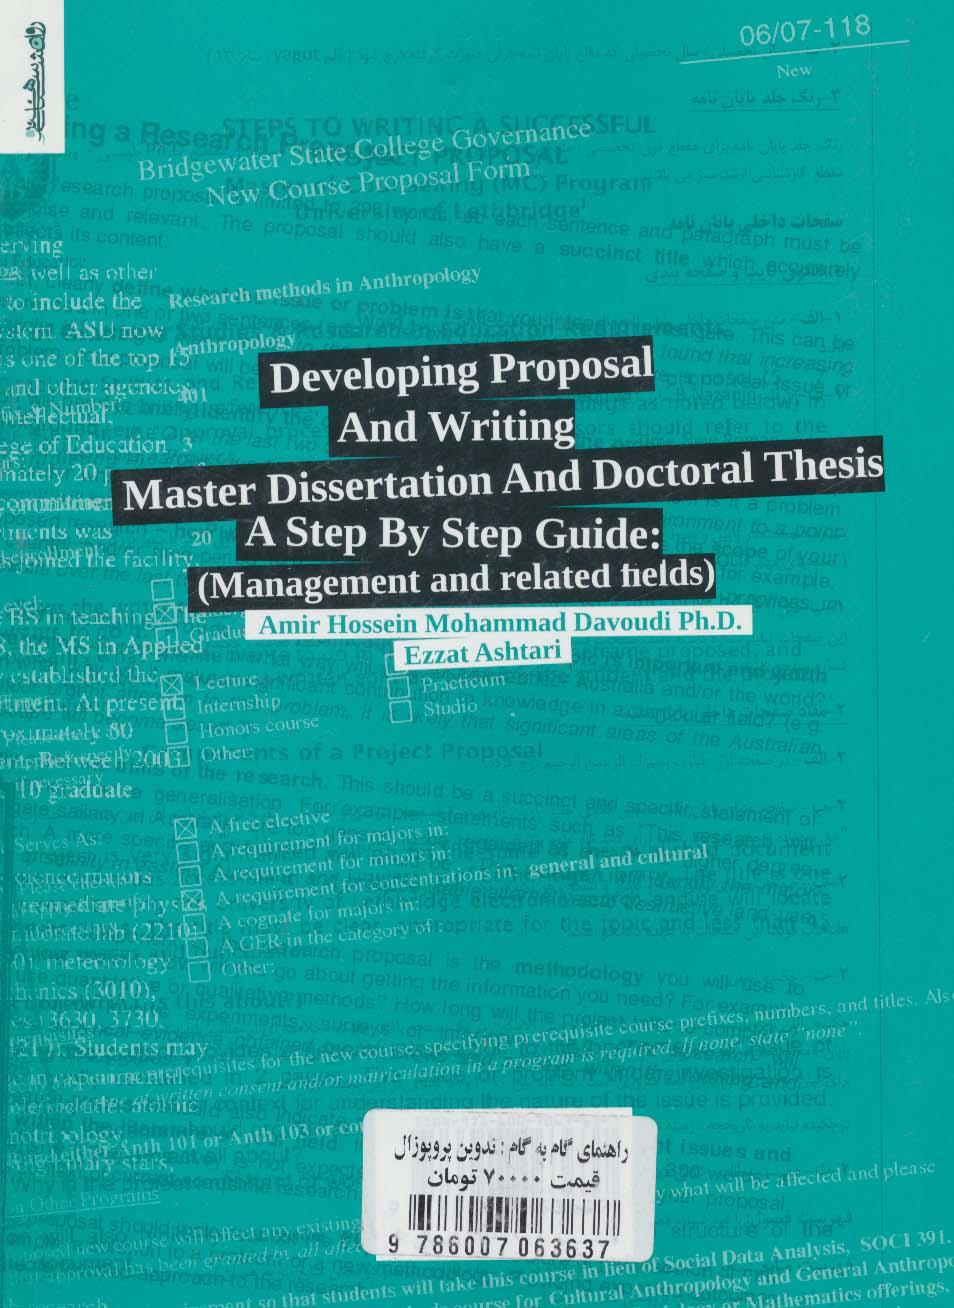 راهنمای گام به گام:تدوین پروپوزال و نگارش پایان نامه کارشناسی ارشد و رساله دکتری (مدیریت و…)